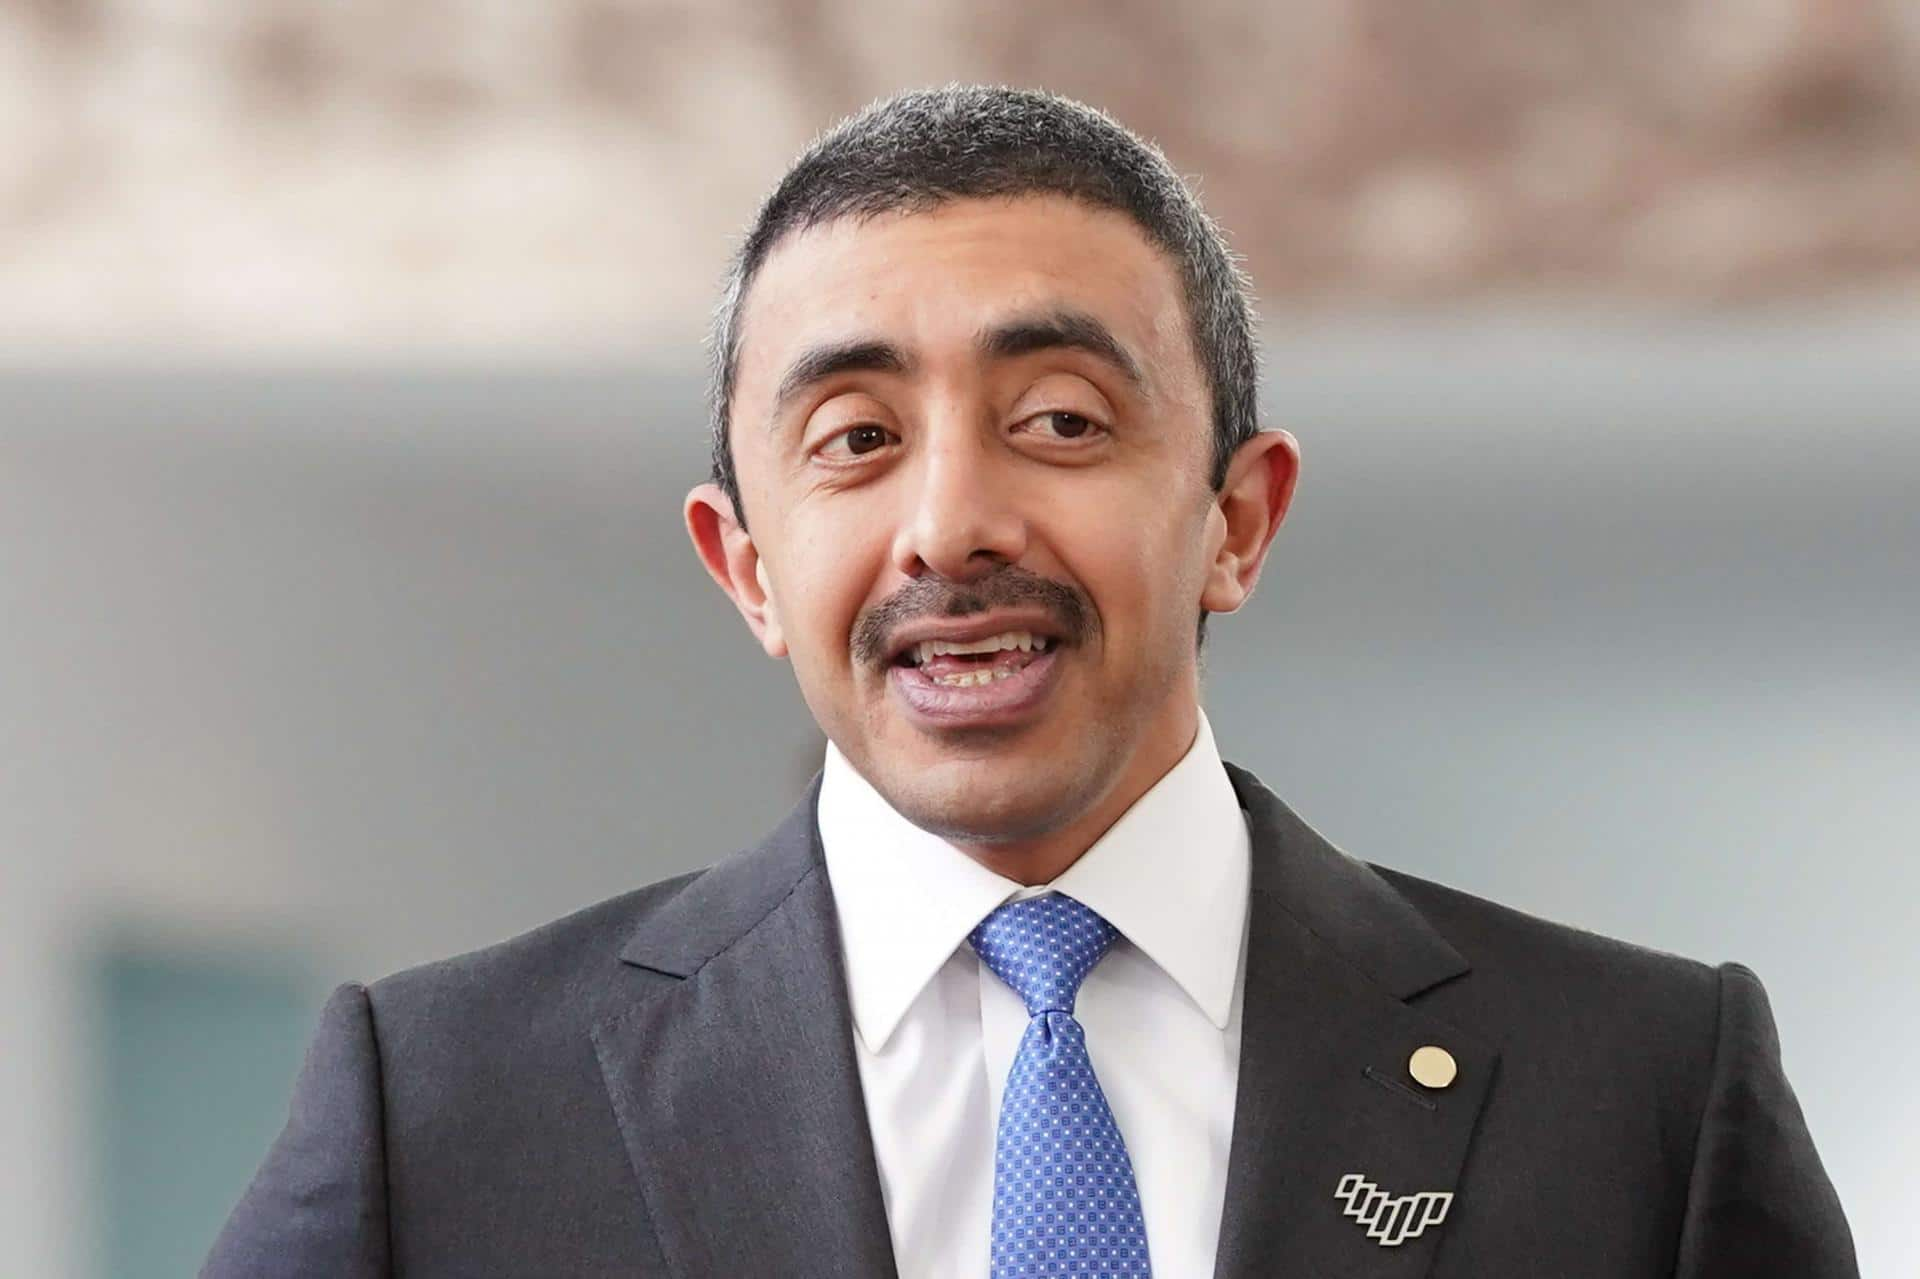 عبدالله بن زايد يحرض على حماس